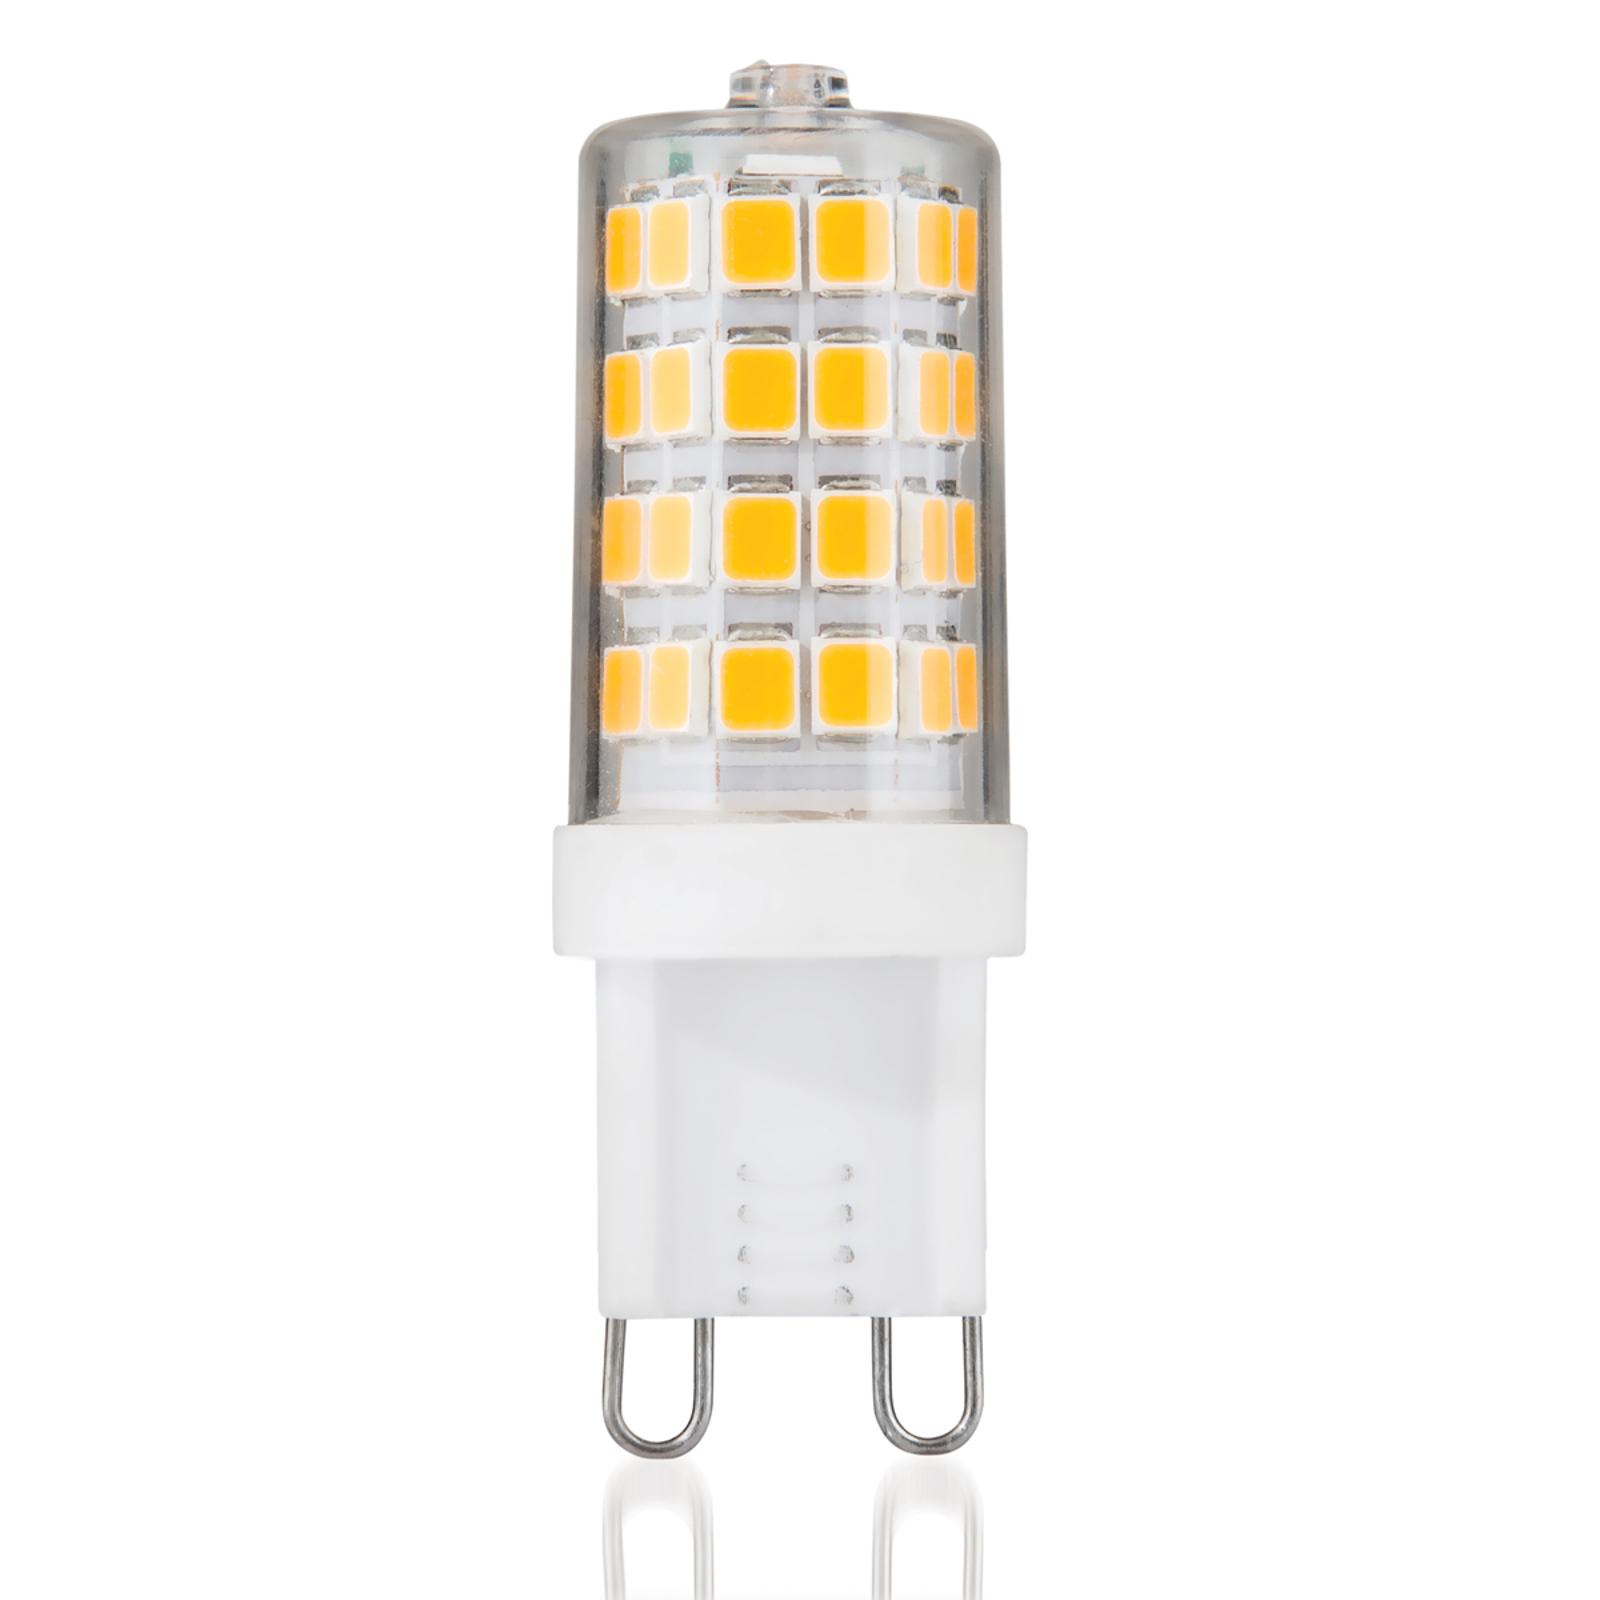 G9 4 W 828 LED dvoupinová žárovka